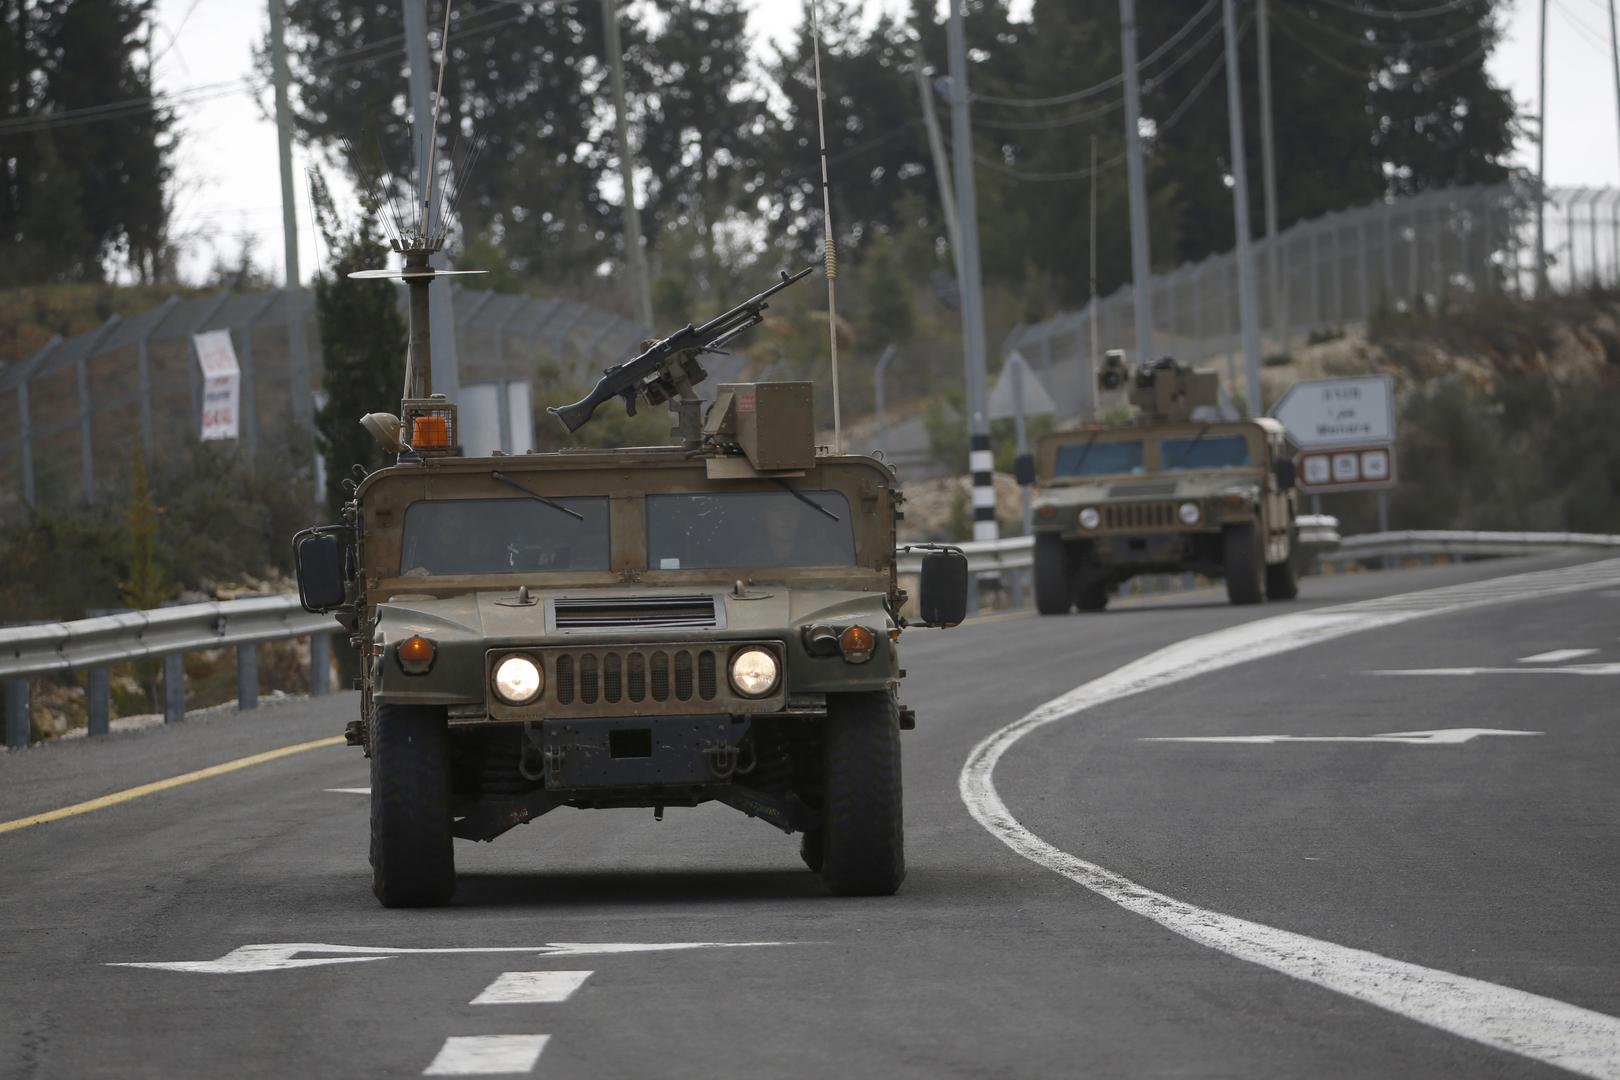 الجيش الإسرائيلي: 6 قذائف أطلقت أمس من لبنان وانفجرت داخل الأراضي اللبنانية